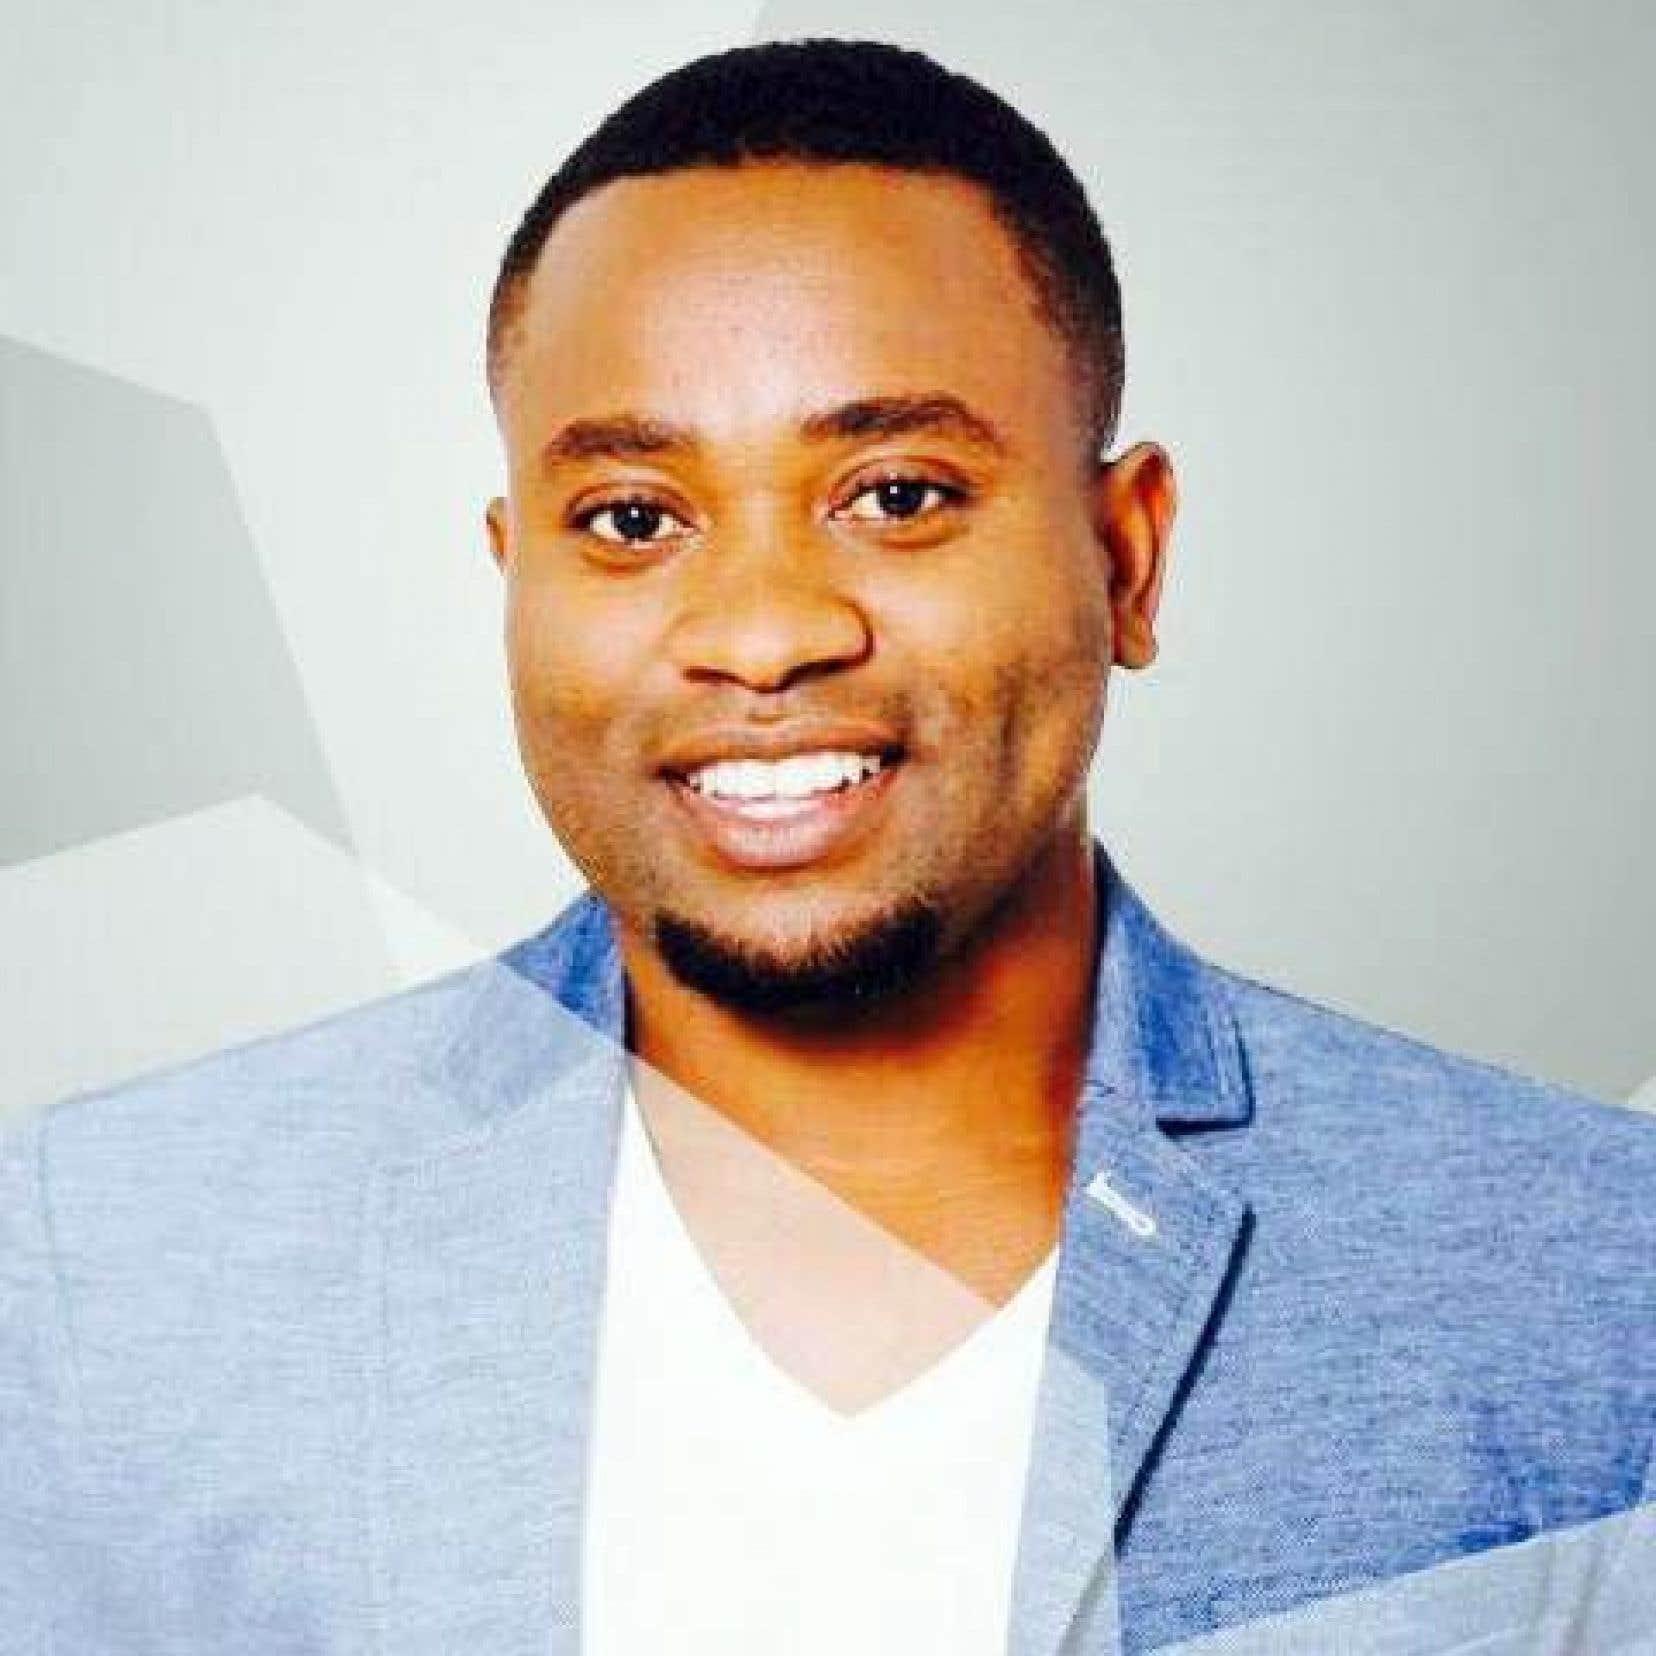 «Il y a autant de styles que d'humoristes», estime Eugene Khoza, artiste de Pretoria.